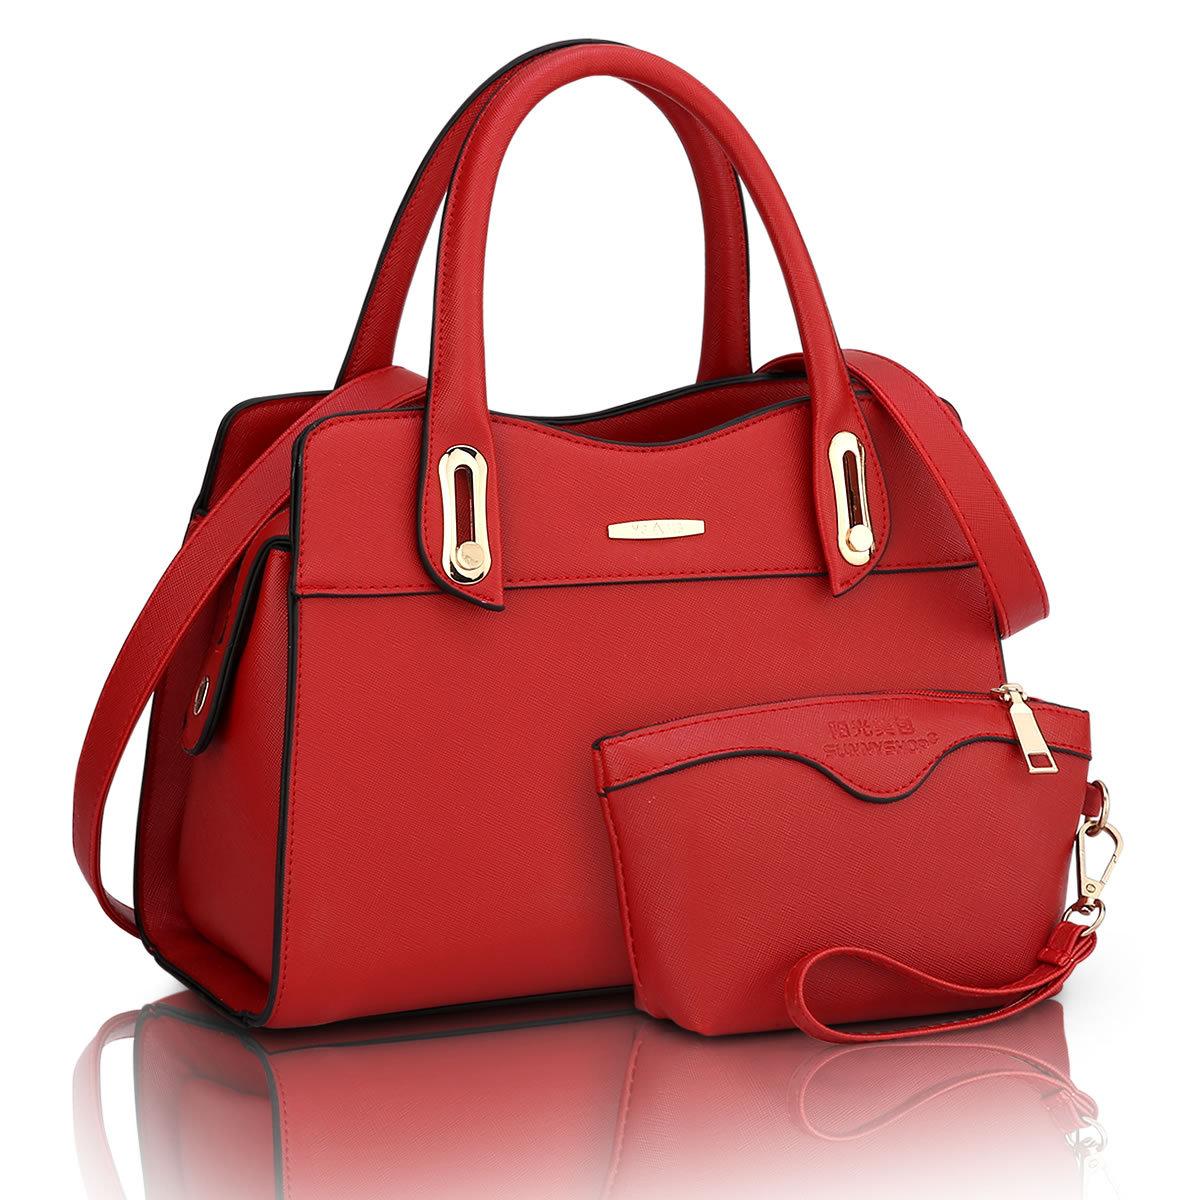 ขายส่ง กระเป๋าผู้หญิงถือและสะพายข้าง เซ็ต 2 ใบ แฟชั่นยุโรป Sunny-714 แท้ สีแดง